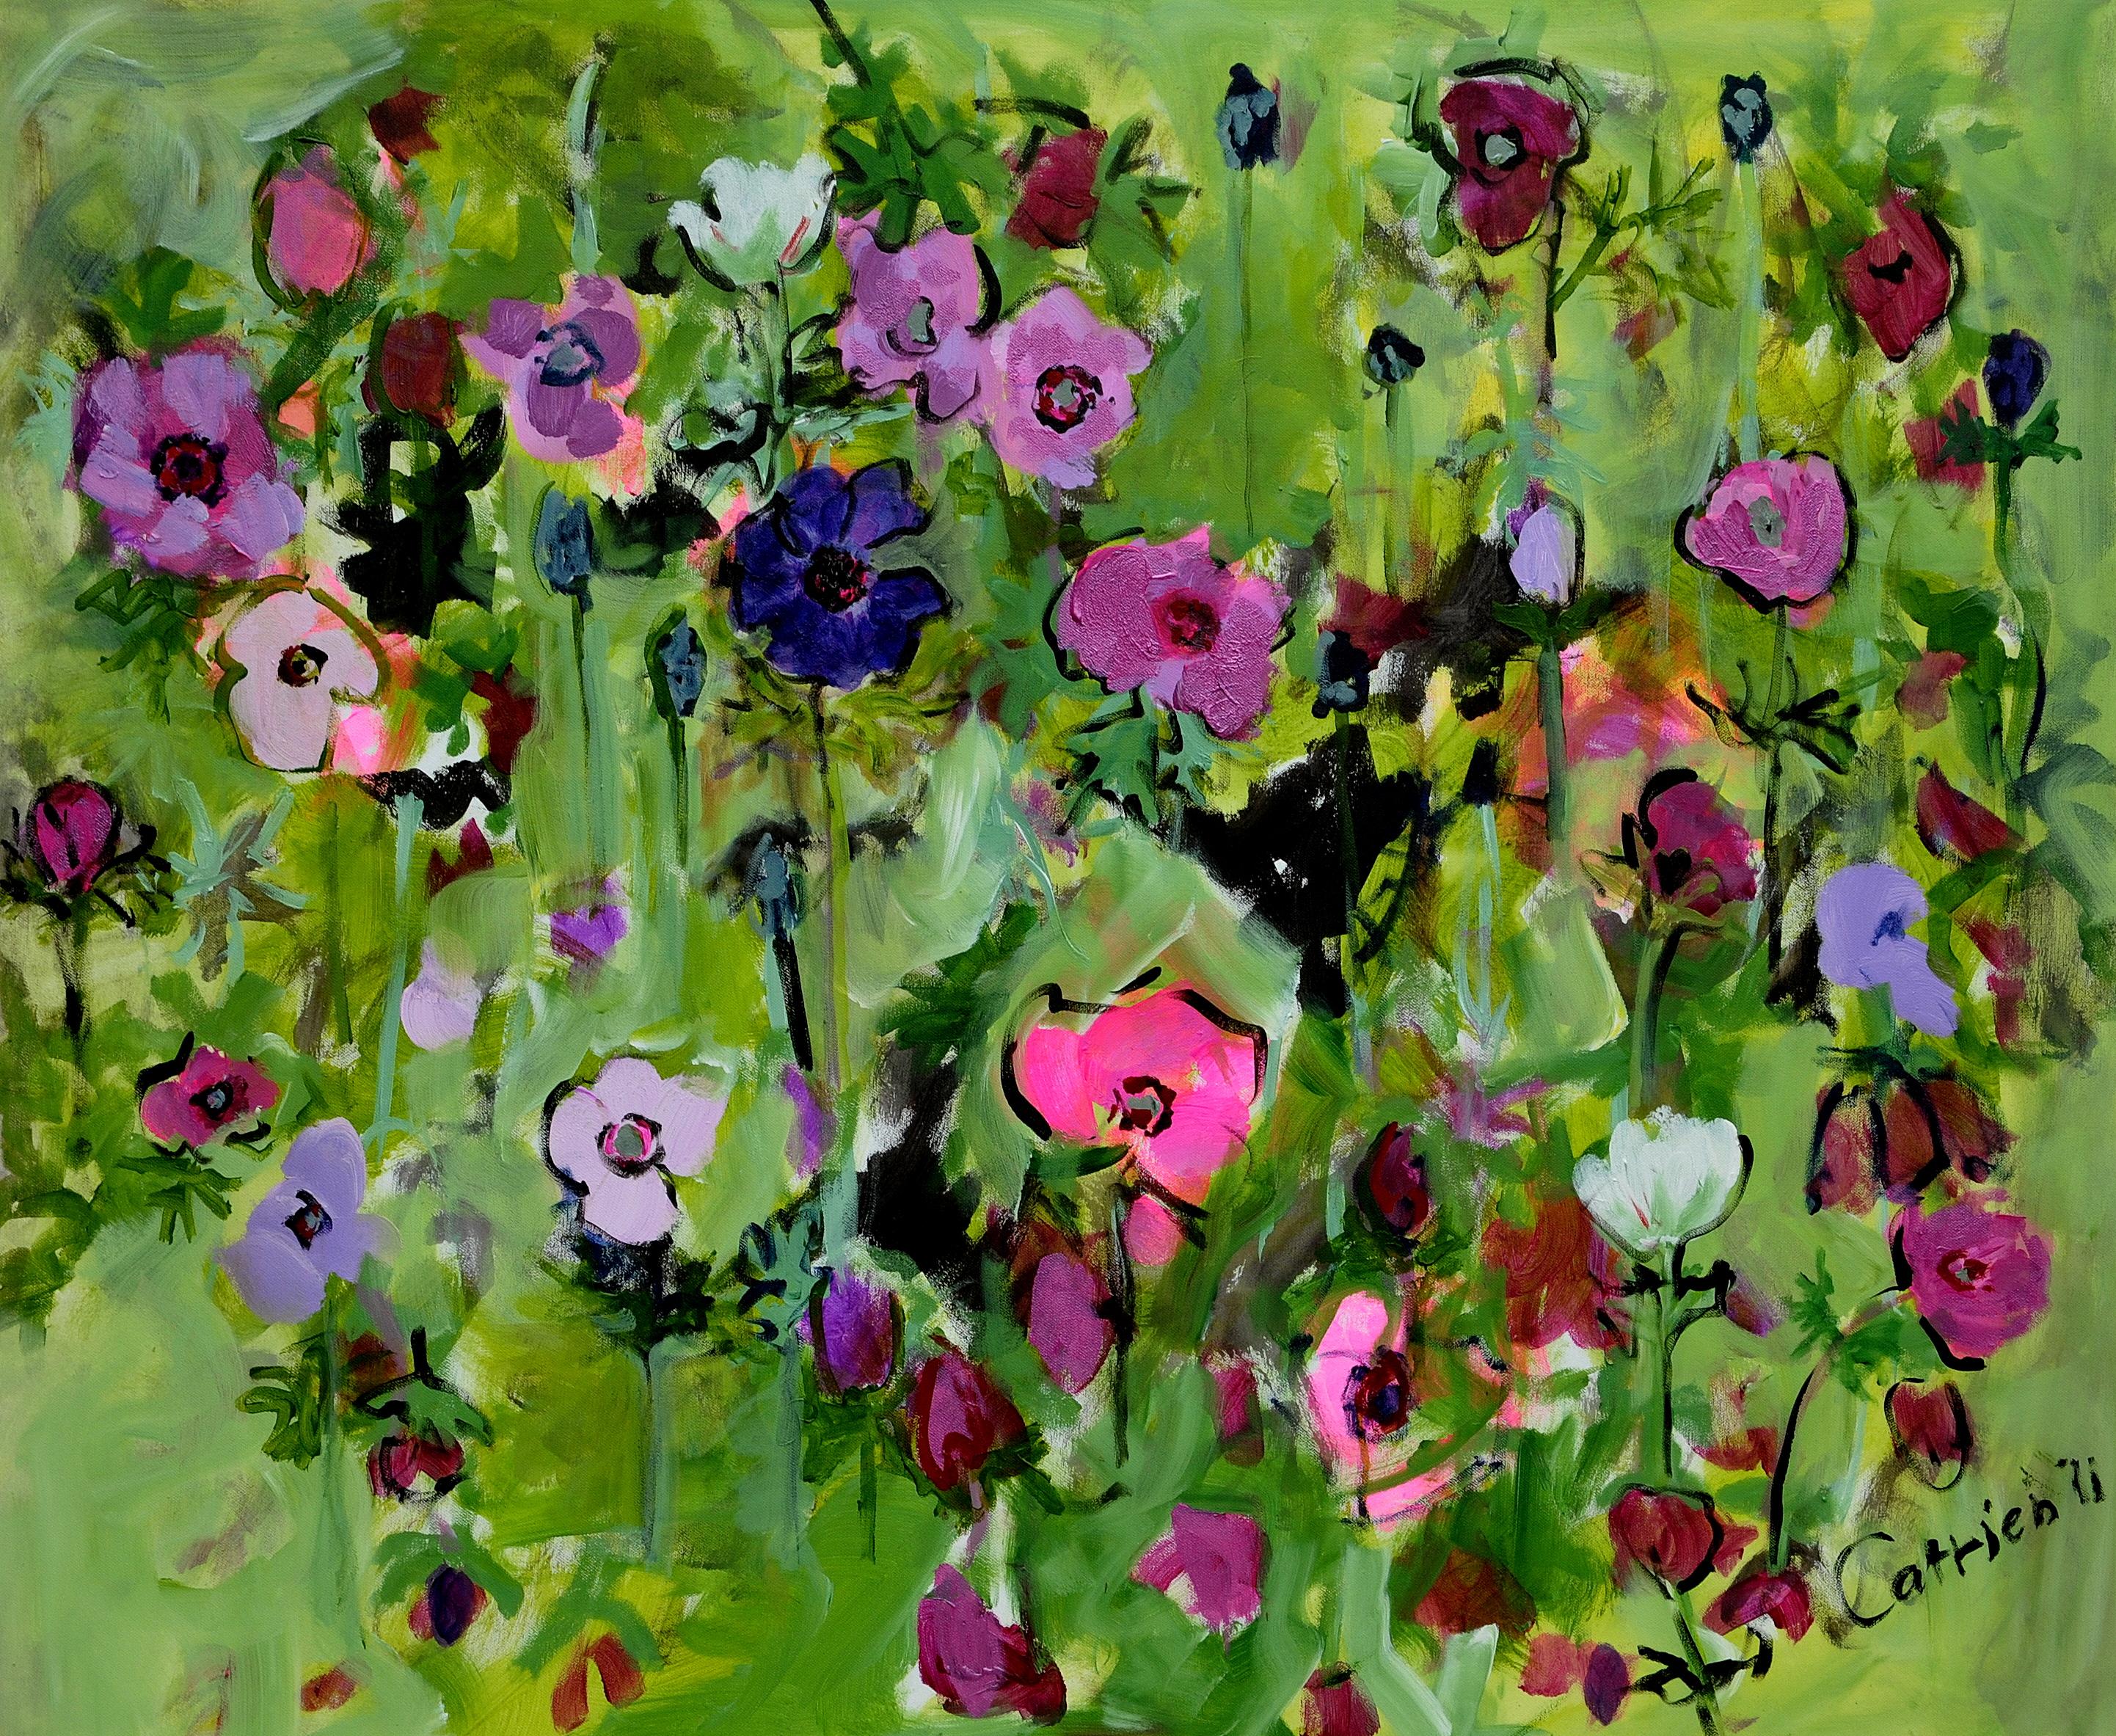 Catrien Art_Schilderij verkocht_Anemonen